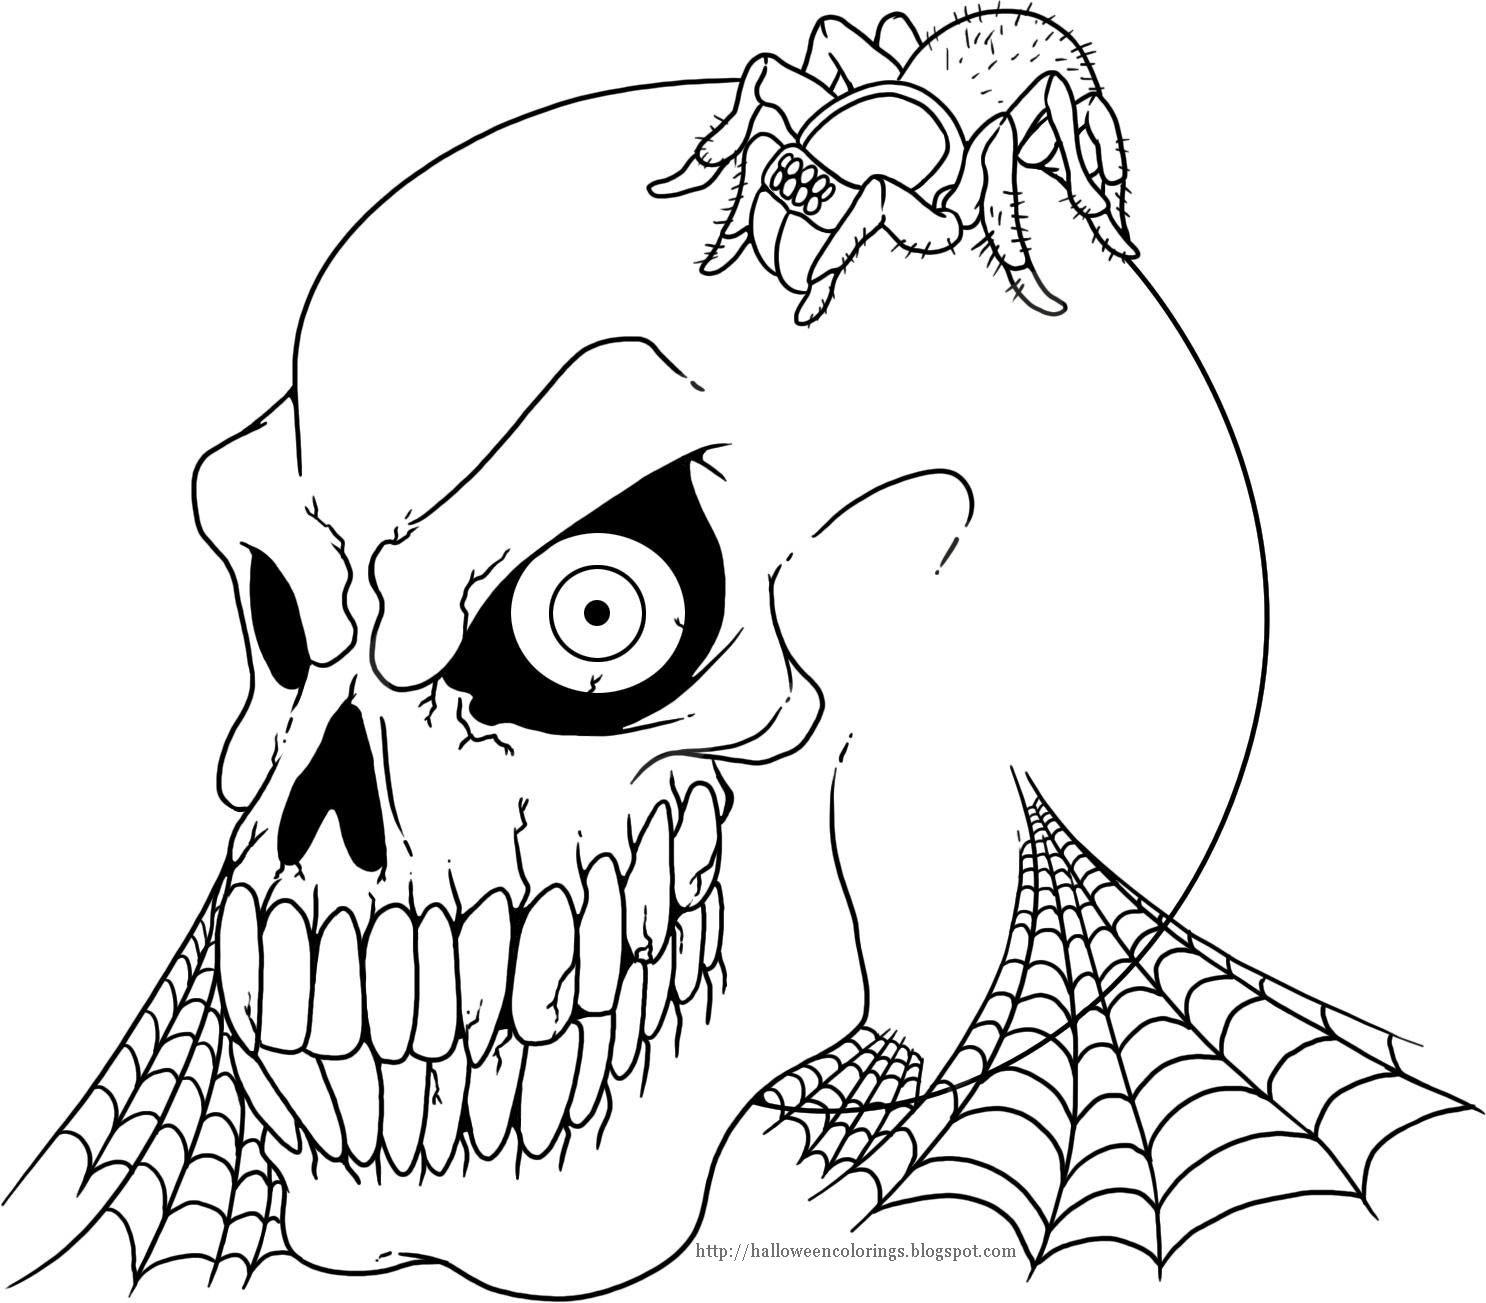 Moderno Libre De Miedo De Halloween Para Colorear Galera Dibujos